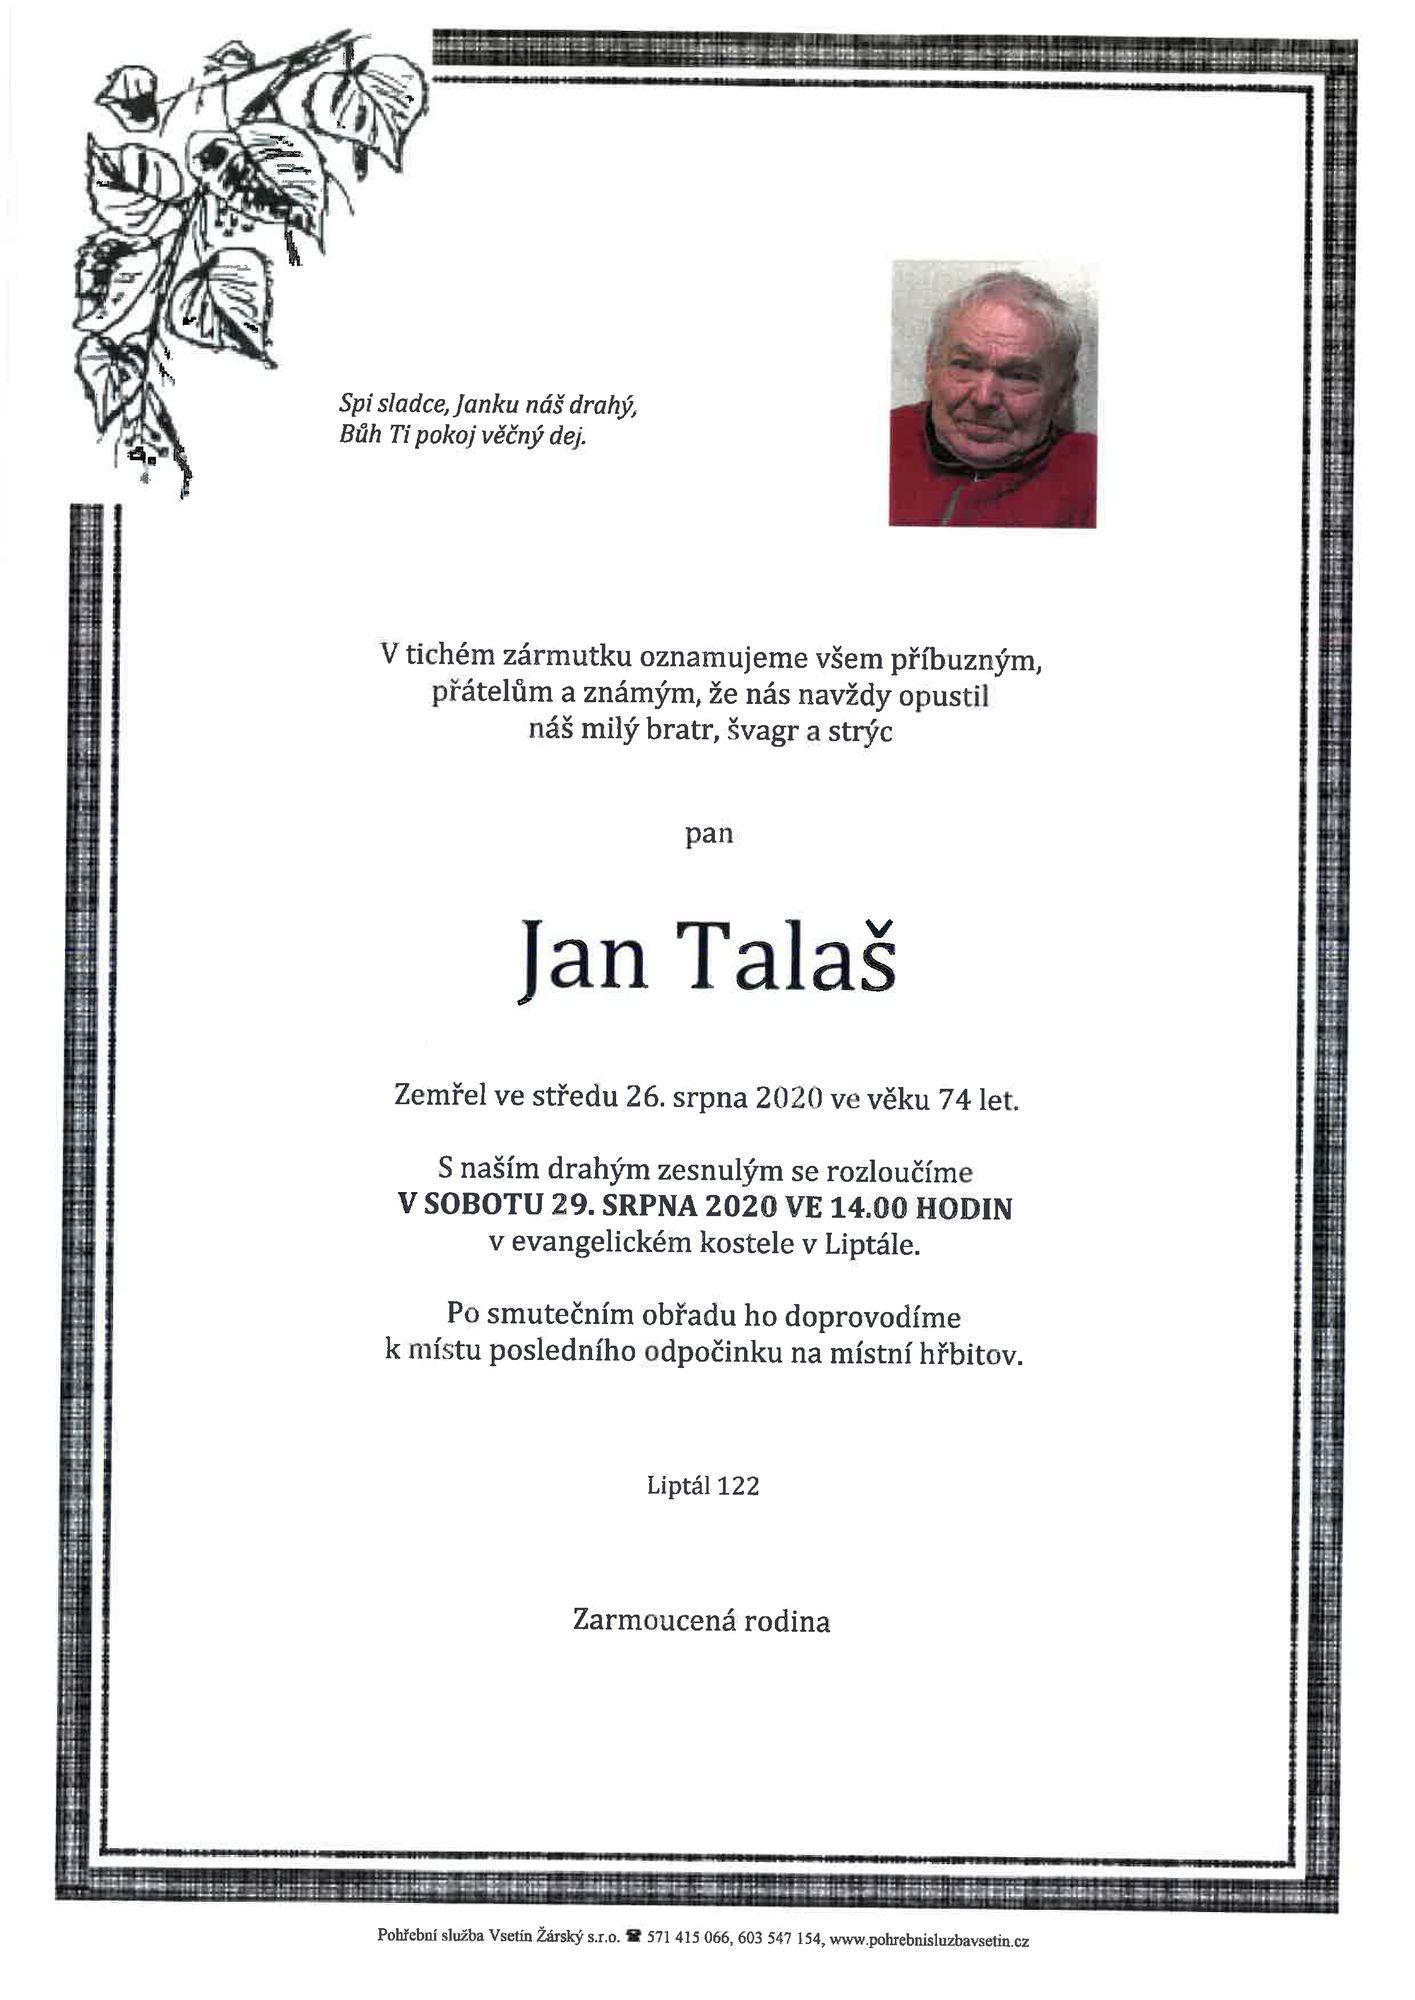 Jan Talaš